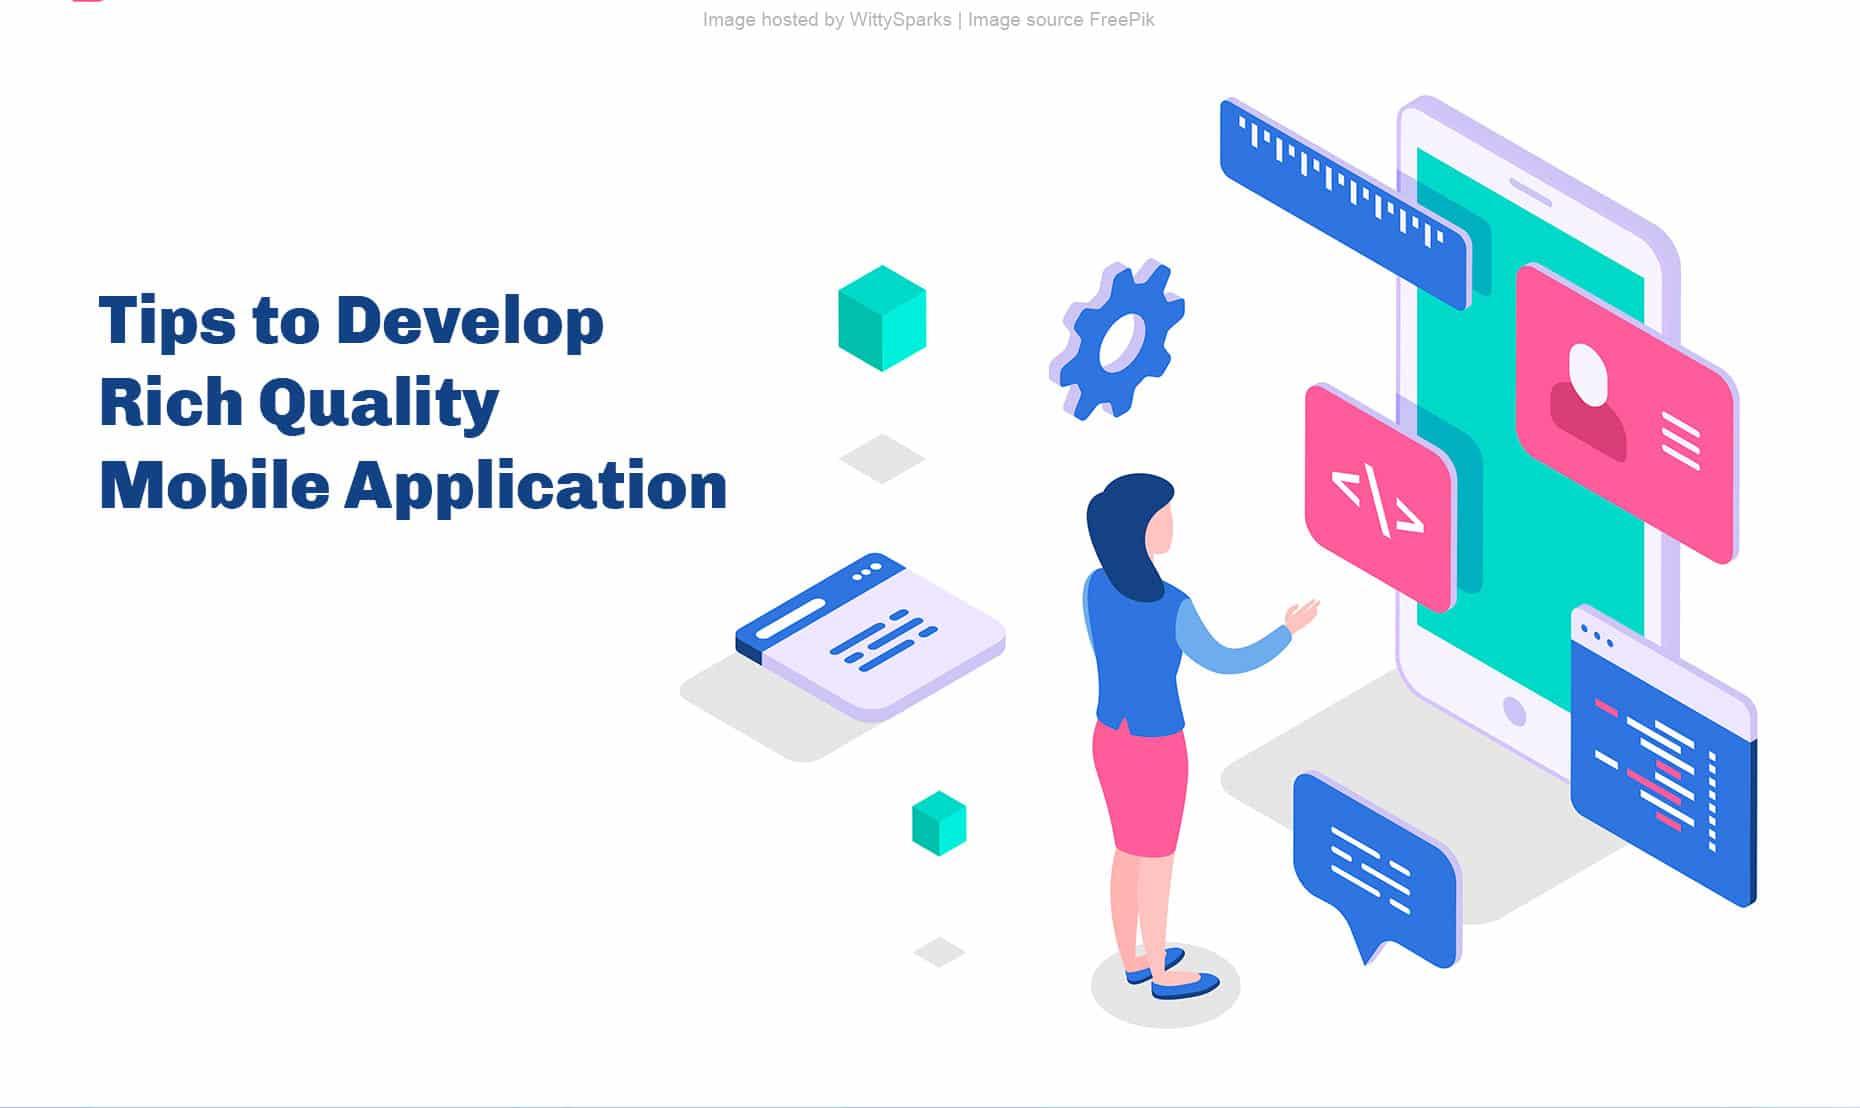 Mobile application development tips